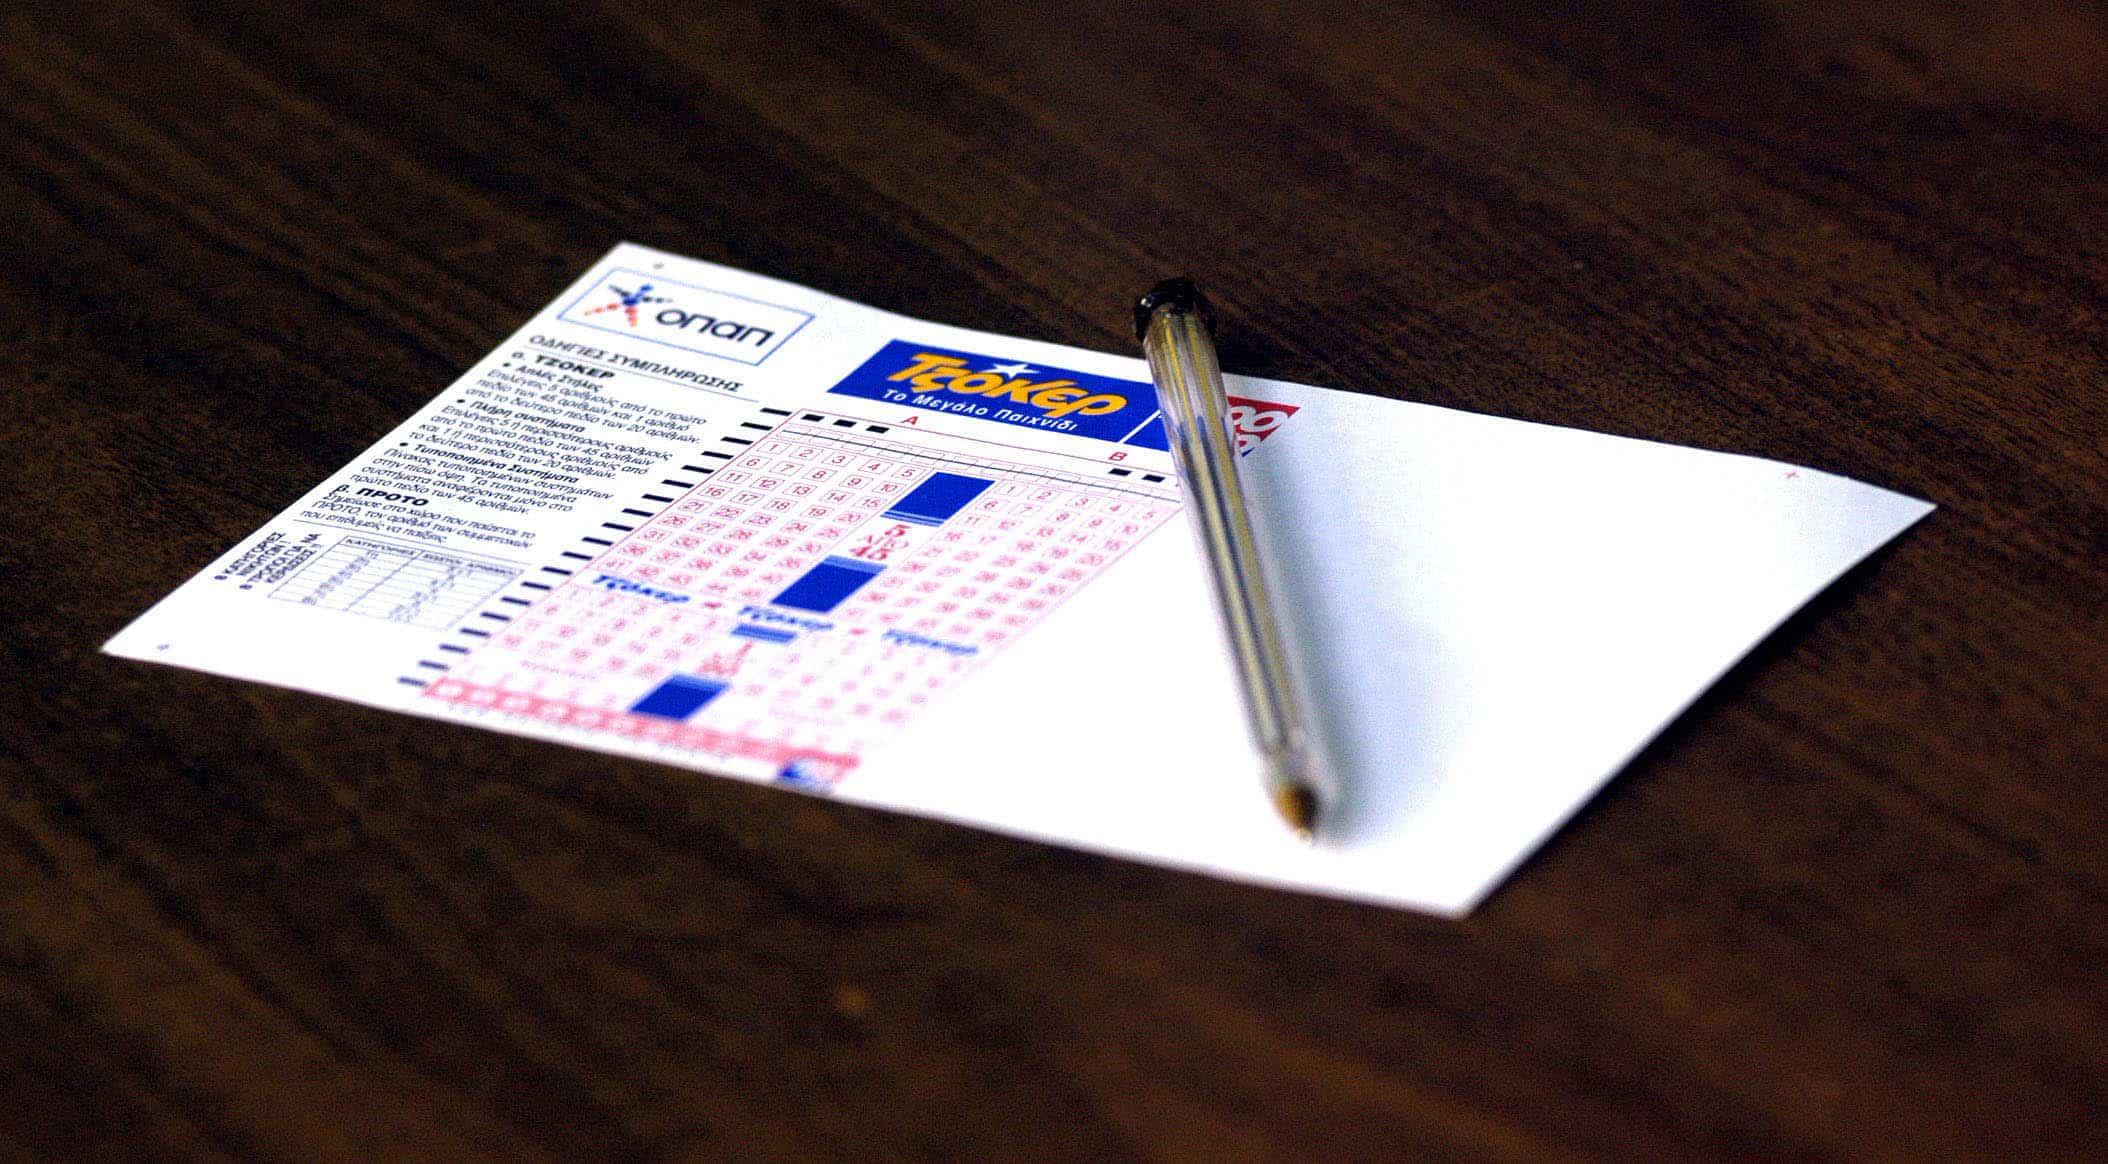 Κλήρωση Τζόκερ 21/6 Αποτελέσματα: Τυχεροί αριθμοί που ανέδειξε η κληρωτίδα σήμερα και κερδίζουν πάνω €2.000.000 - νούμερα ΠΡΟΤΟ Κλήρωση Τζόκερ σήμερα 19/1 Αποτελέσματα Αριθμοί Νούμερα tzoker Κλήρωση τζόκερ 12/12 για €2.000.000 Τυχεροί αριθμοί Joker Νούμερα